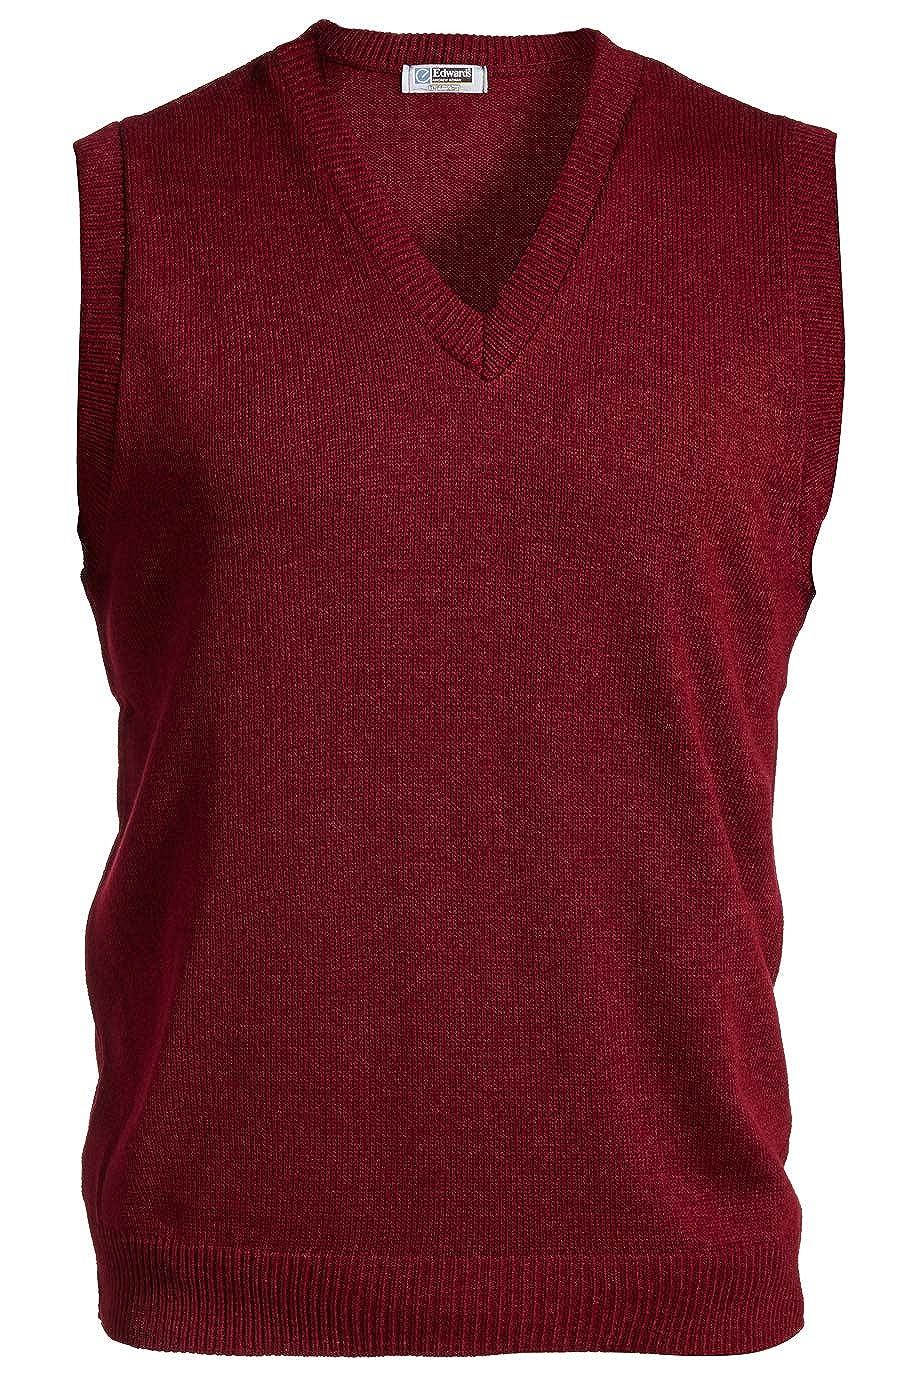 Edwards V-Neck Acrylic Sweater Vest 561